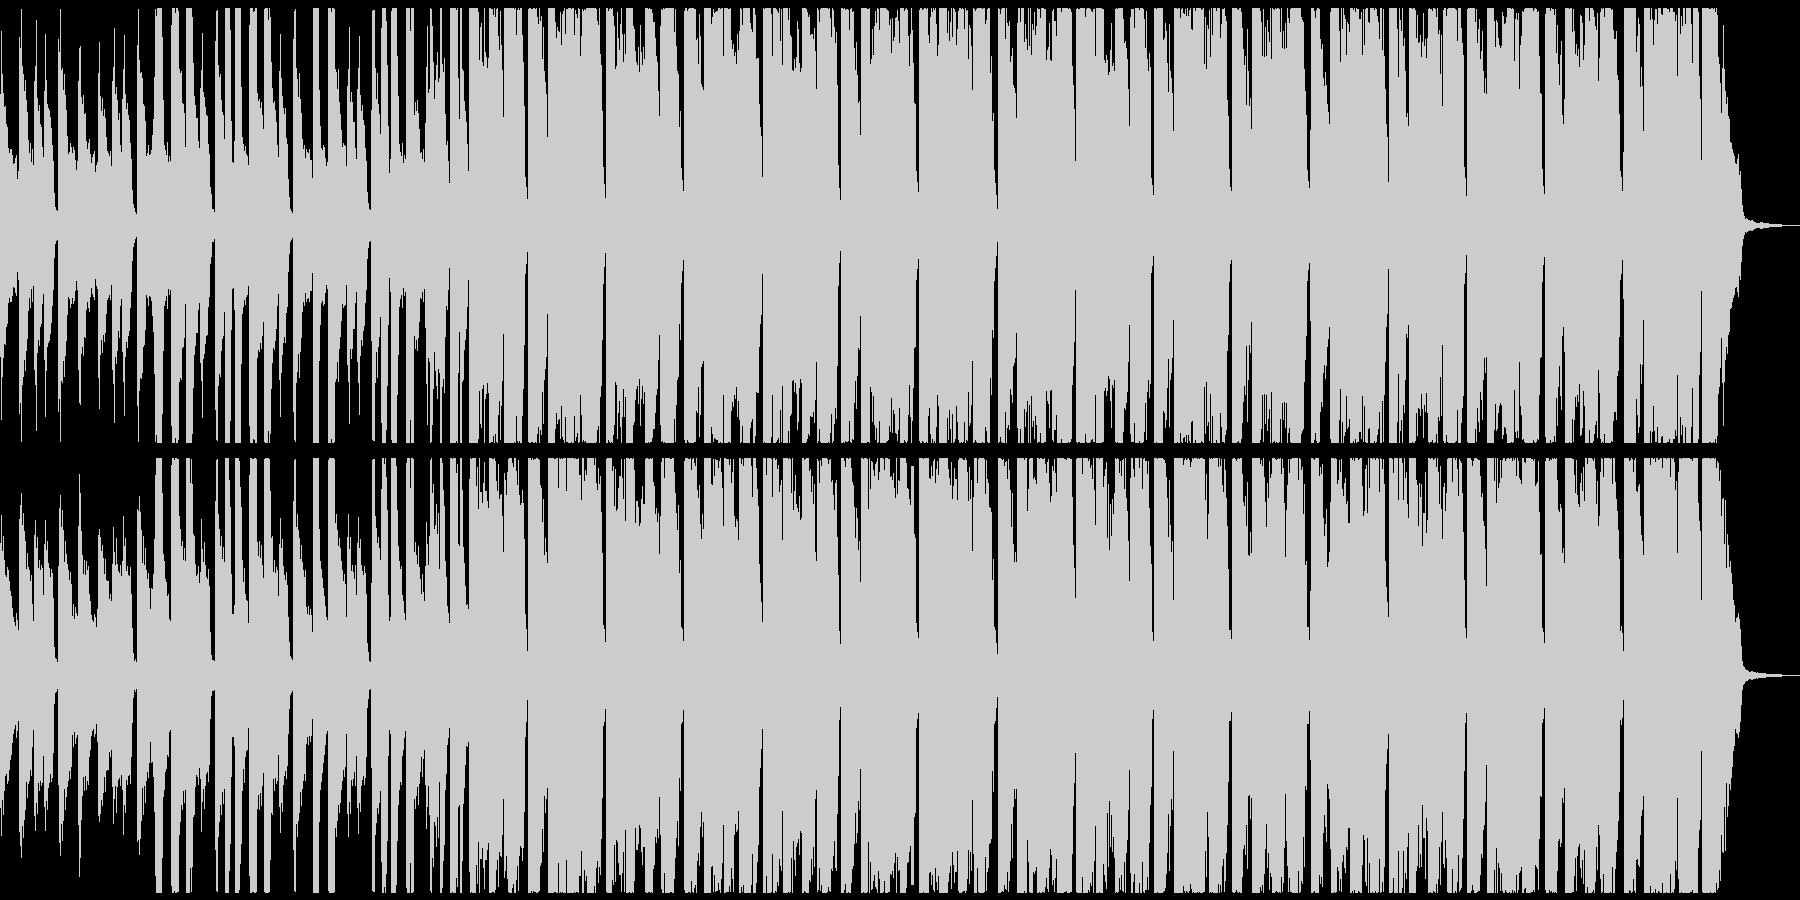 ピアノ、ギター、掛け声のハッピーソング!の未再生の波形